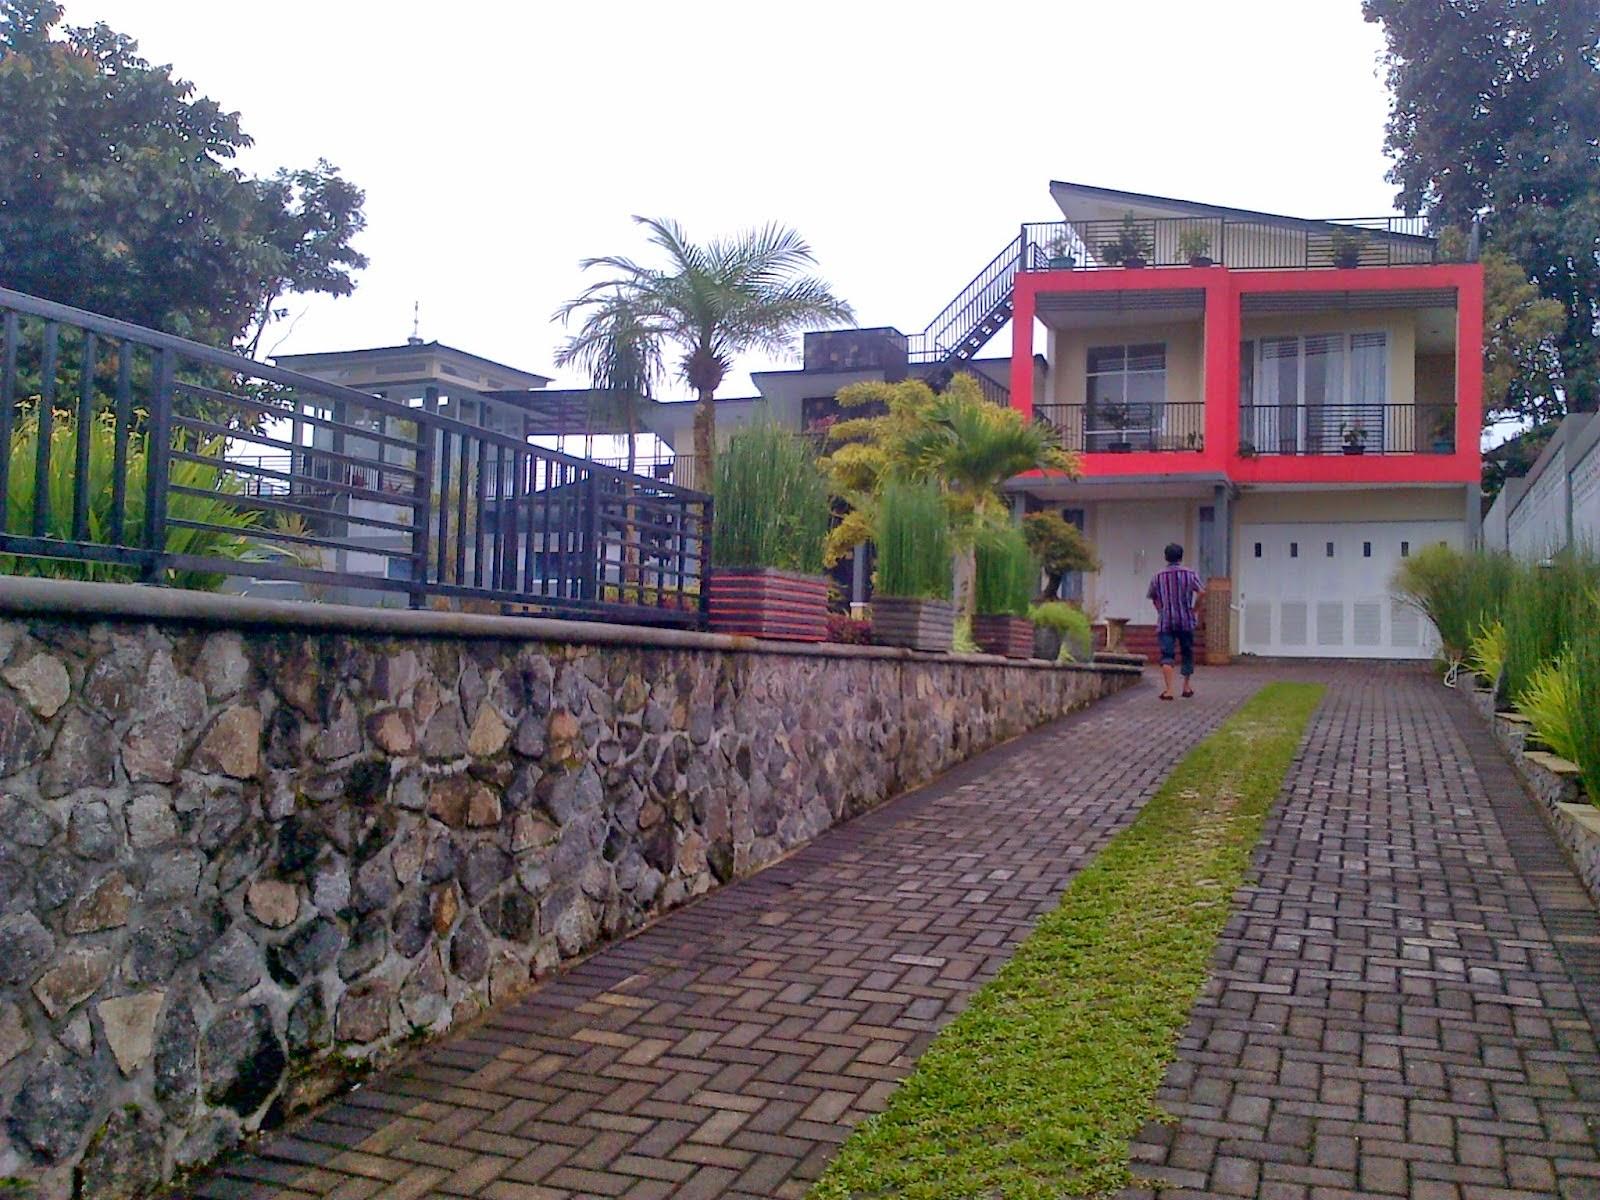 villa arisela sewa villa di puncak ada kolam renang sewa villa rh sewavilladipuncak93 blogspot com